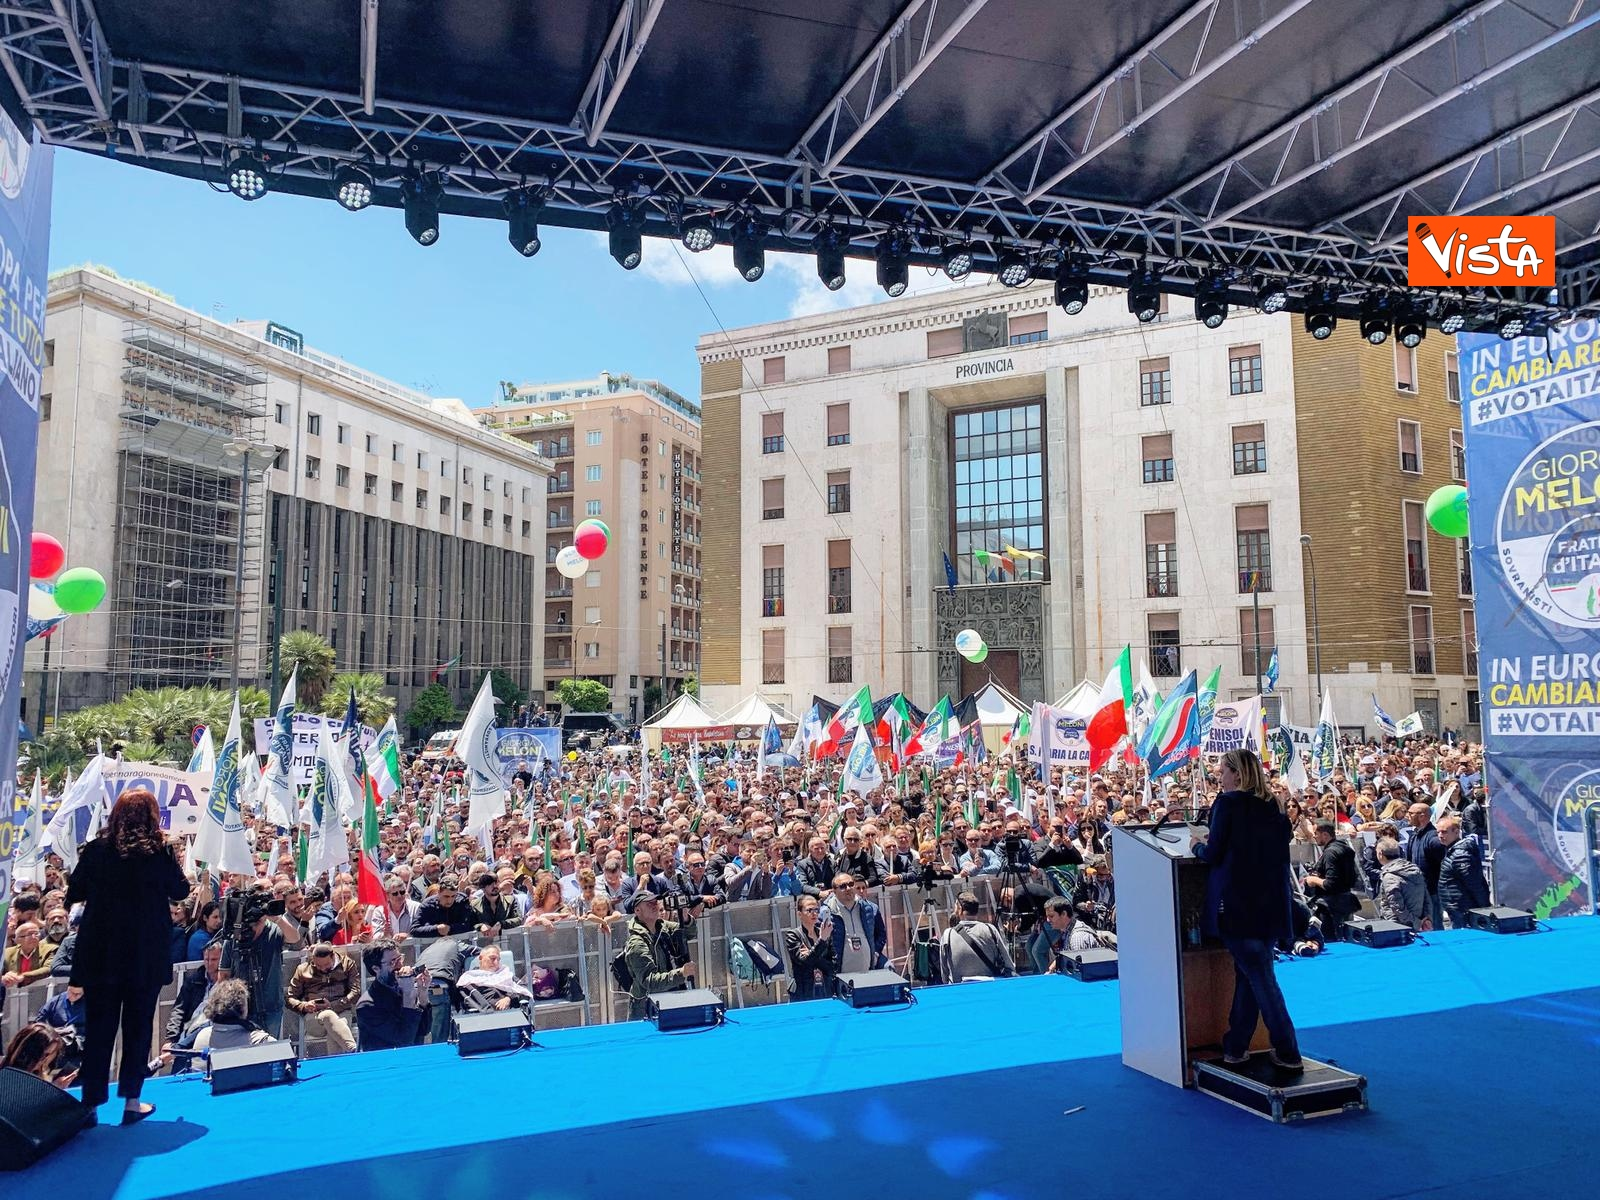 19-05-19 Europee Meloni chiude campagna elettorale a Napoli il comizio in piazza Matteotti_07